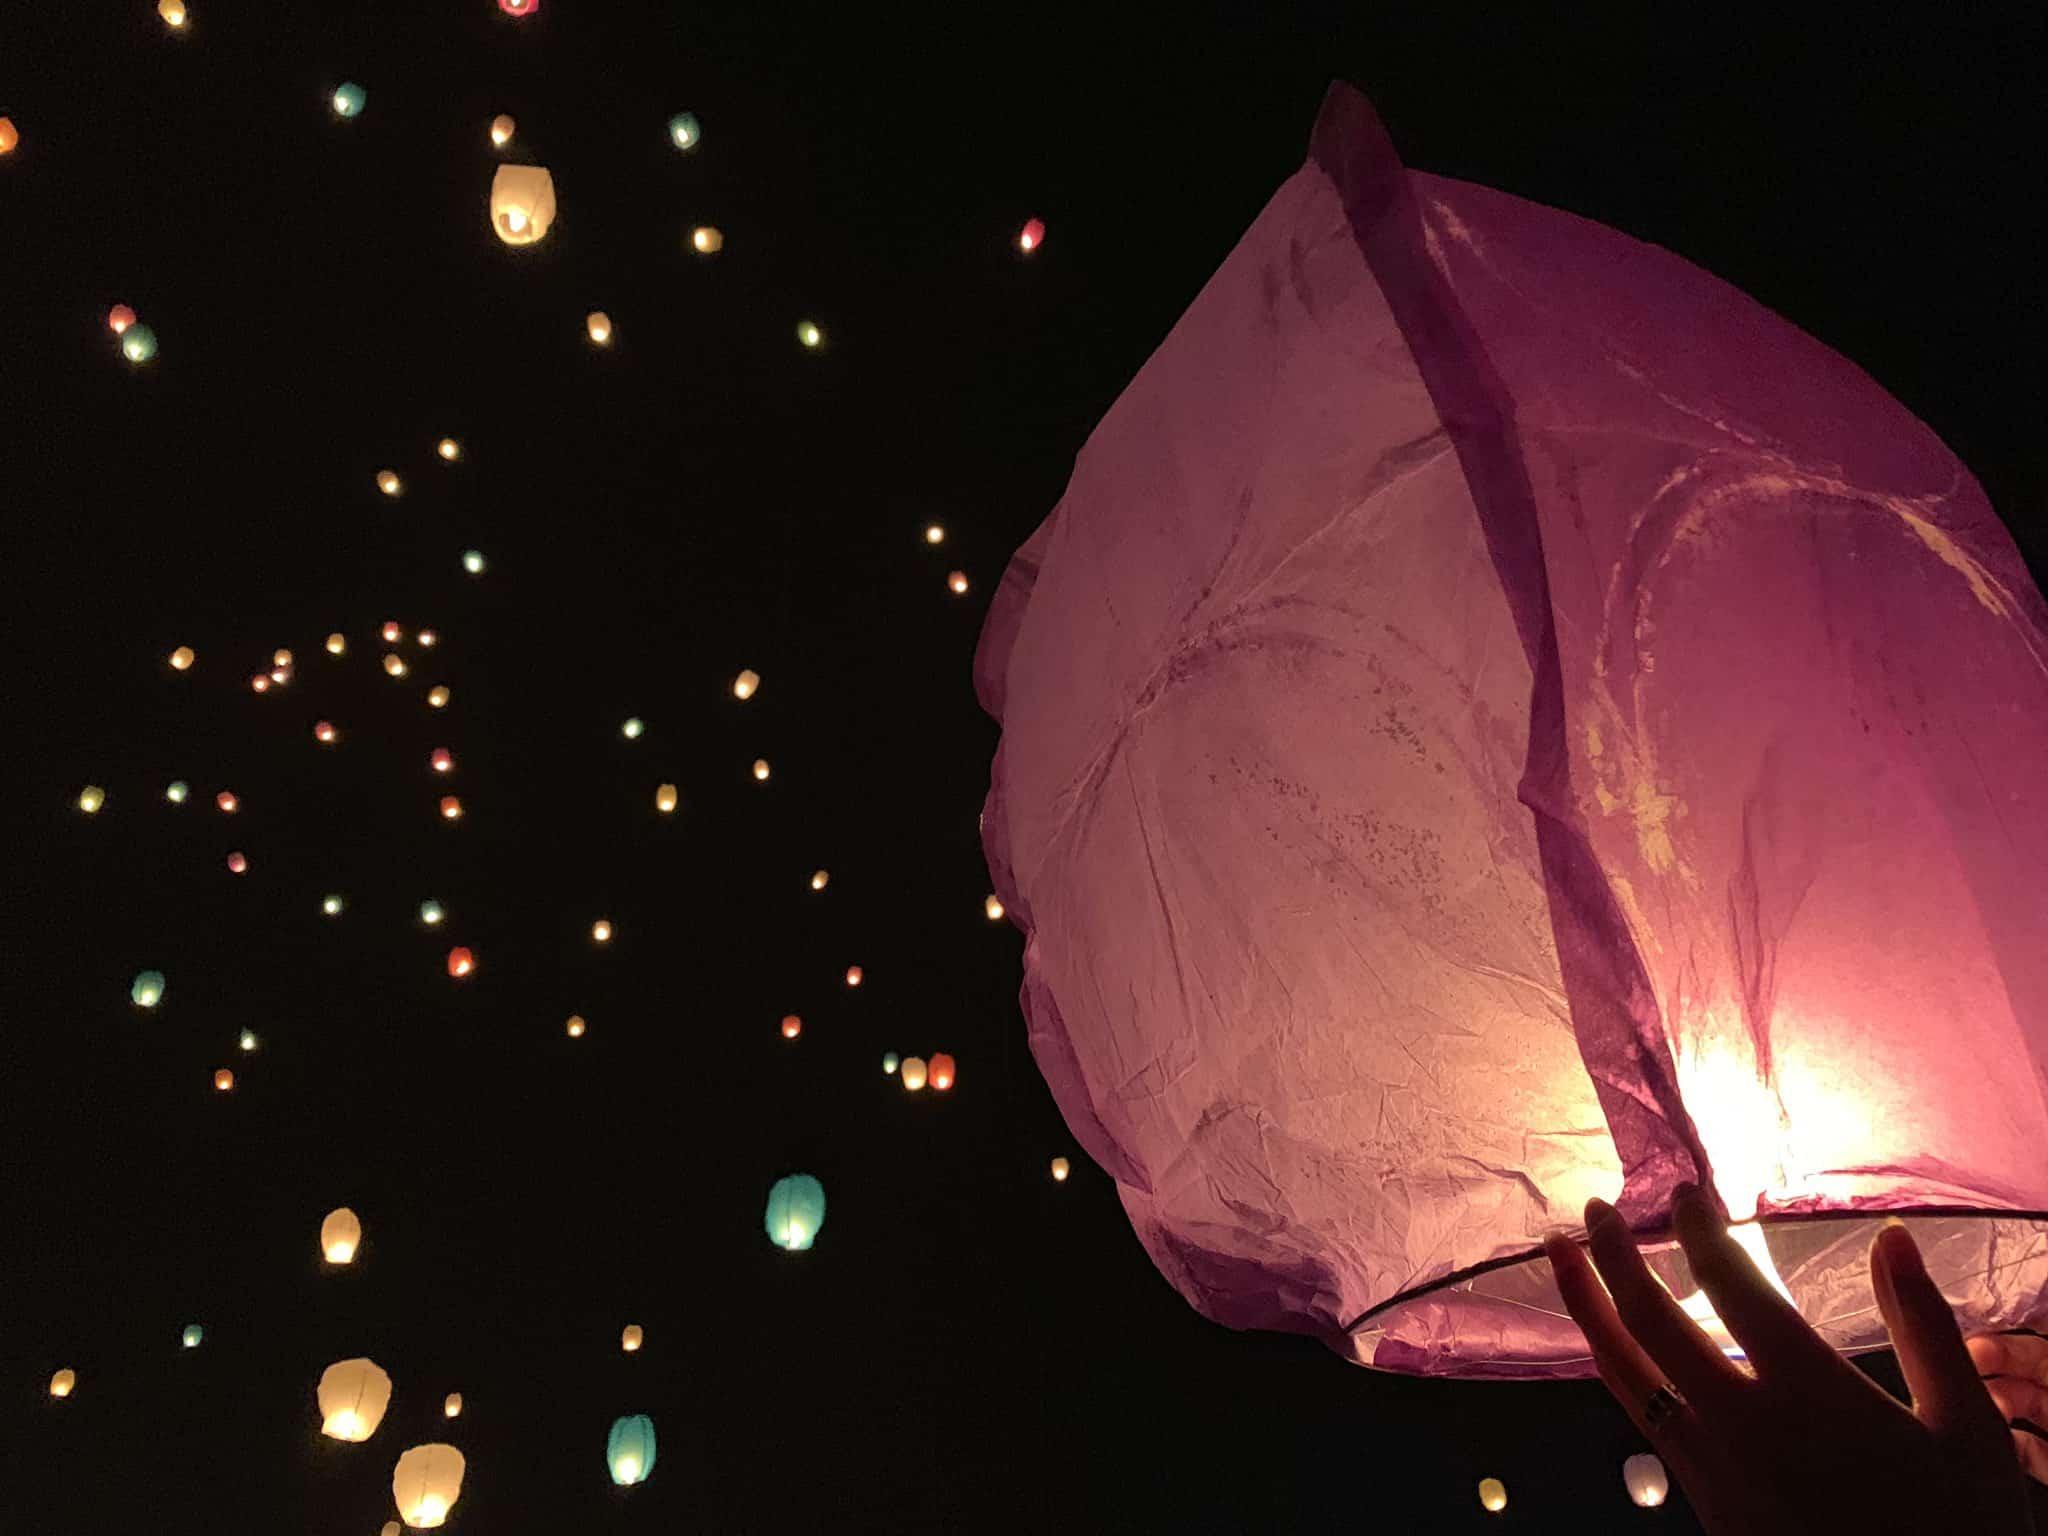 เทศกาลปล่อยโคม ญี่ปุ่น 2020 - เทศกาลโคมลอยสกายไลท์ (SKY LIGHT)